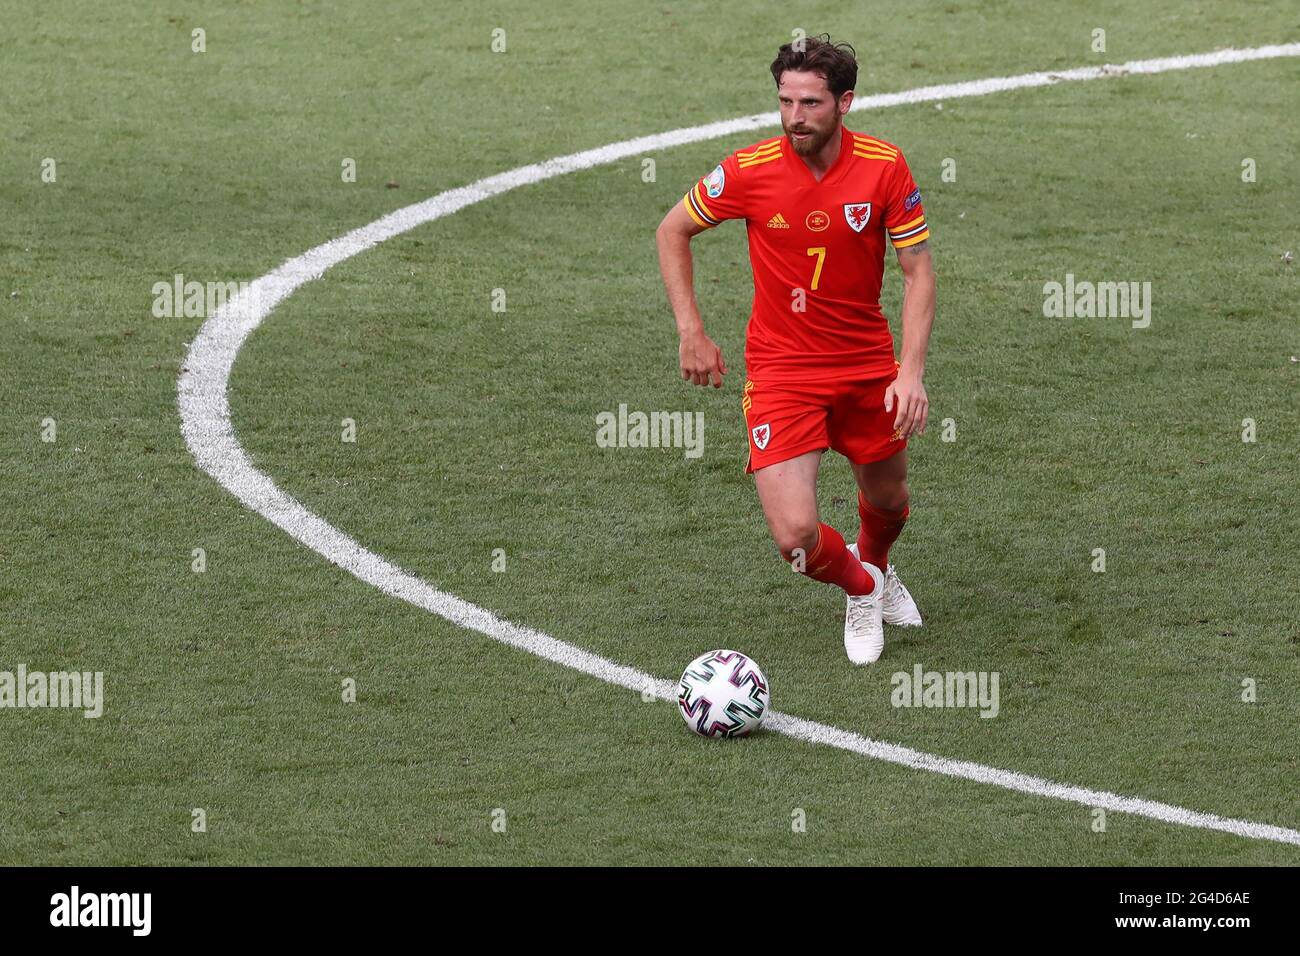 Rom, Italien, 20. Juni 2021. Joe Allen aus Wales während des UEFA-EM-2020-Spiels im Stadio Olimpico, Rom. Bildnachweis sollte lauten: Jonathan Moscrop / Sportimage Stockfoto